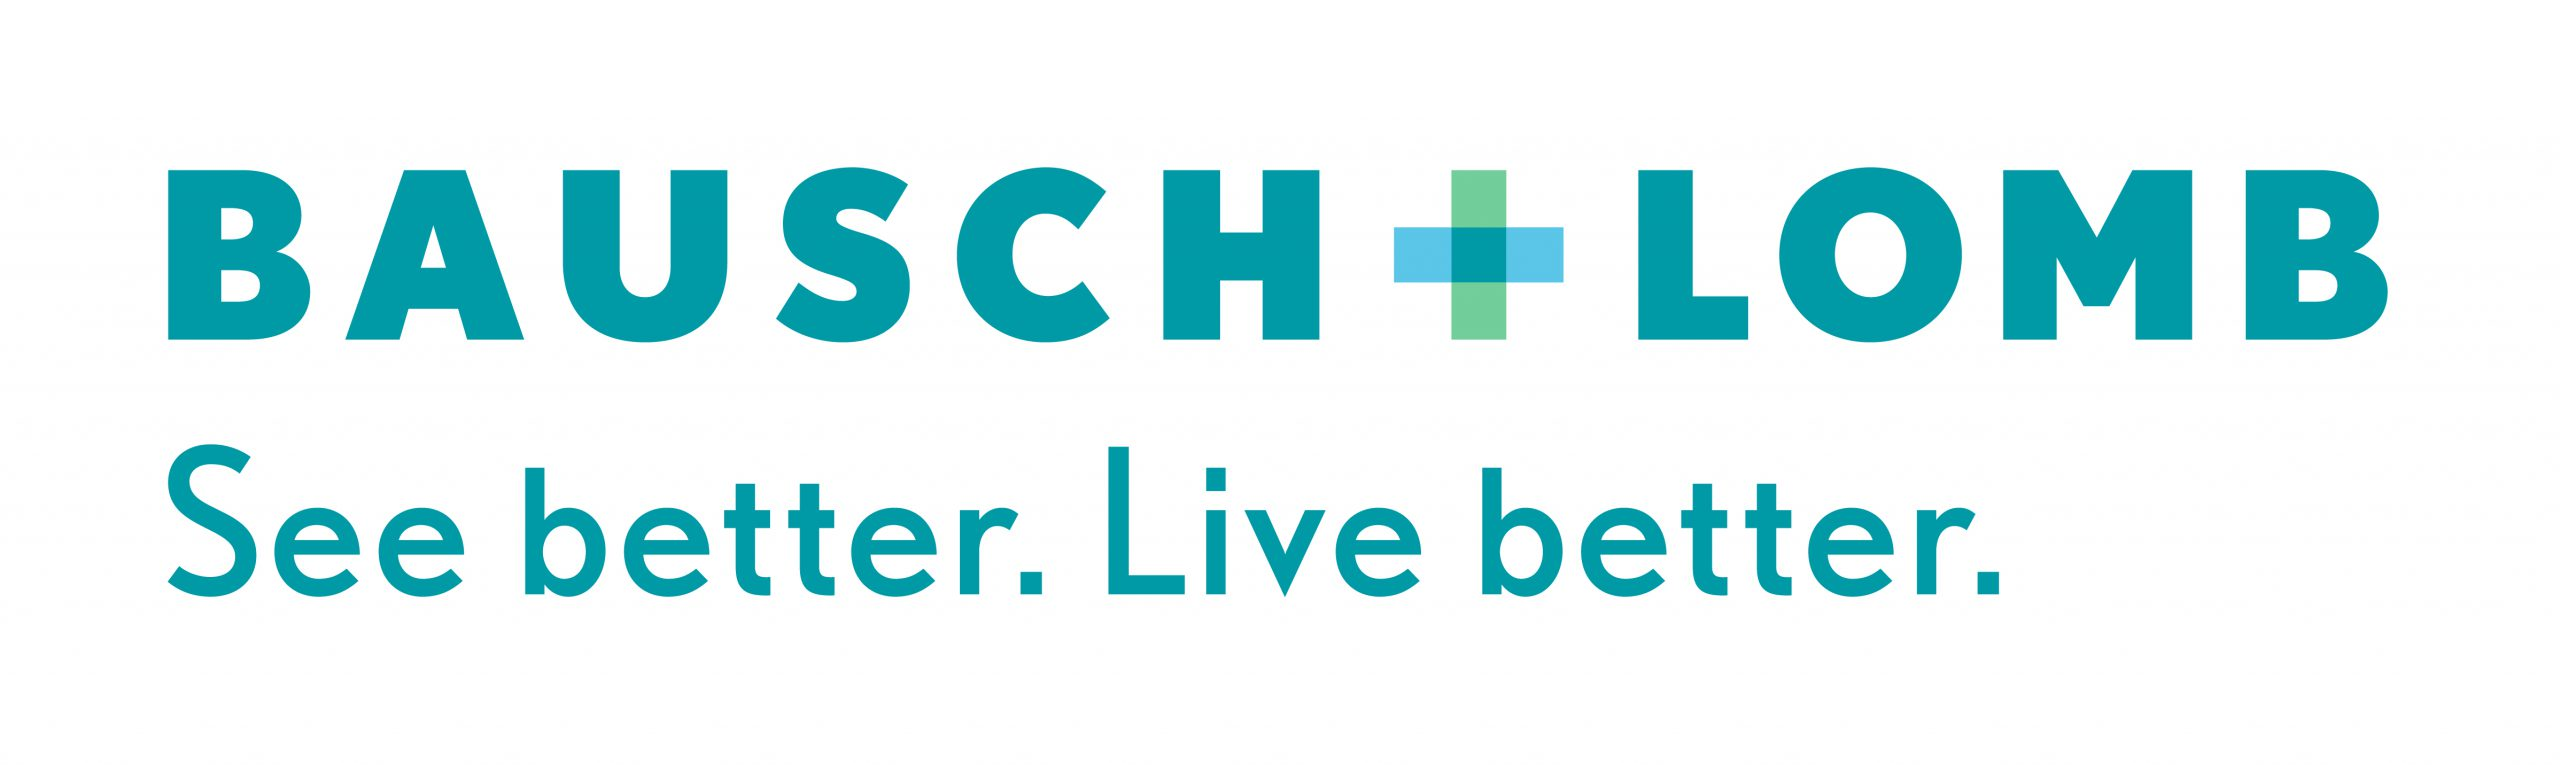 Bausch-Lomb-logo-w-tagline